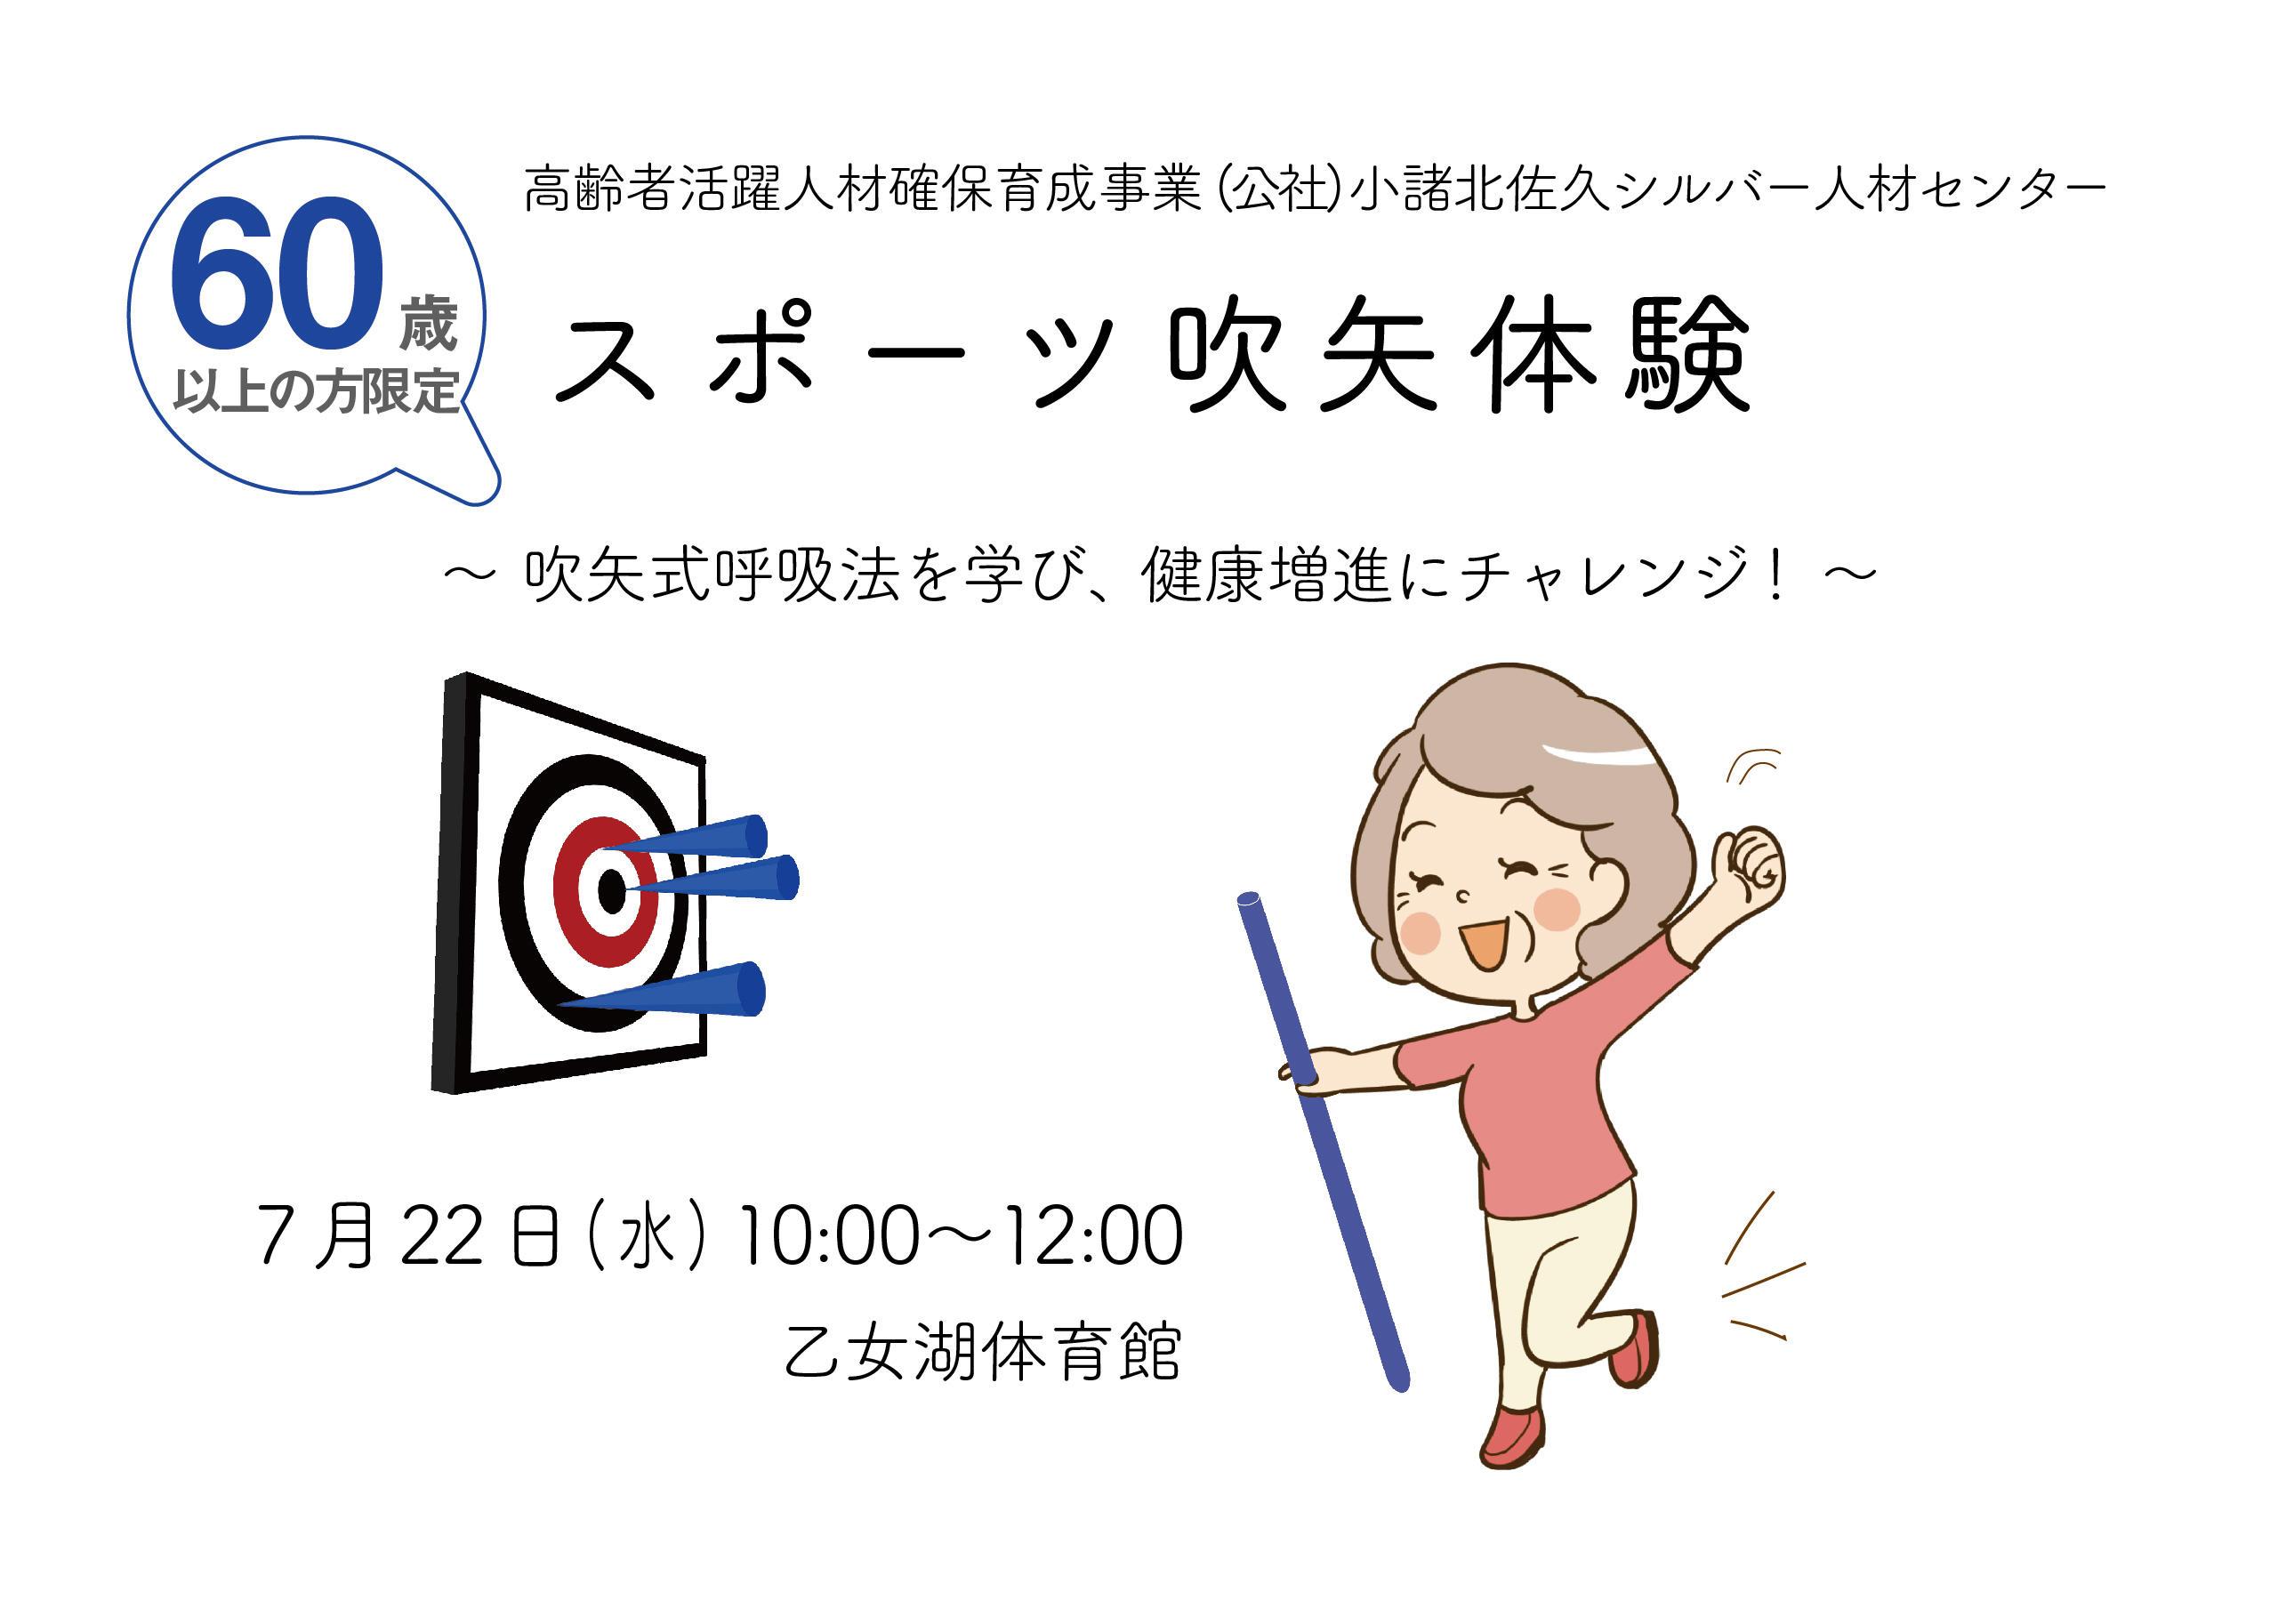 20200722.スポーツ吹矢アイキャッチ.jpg